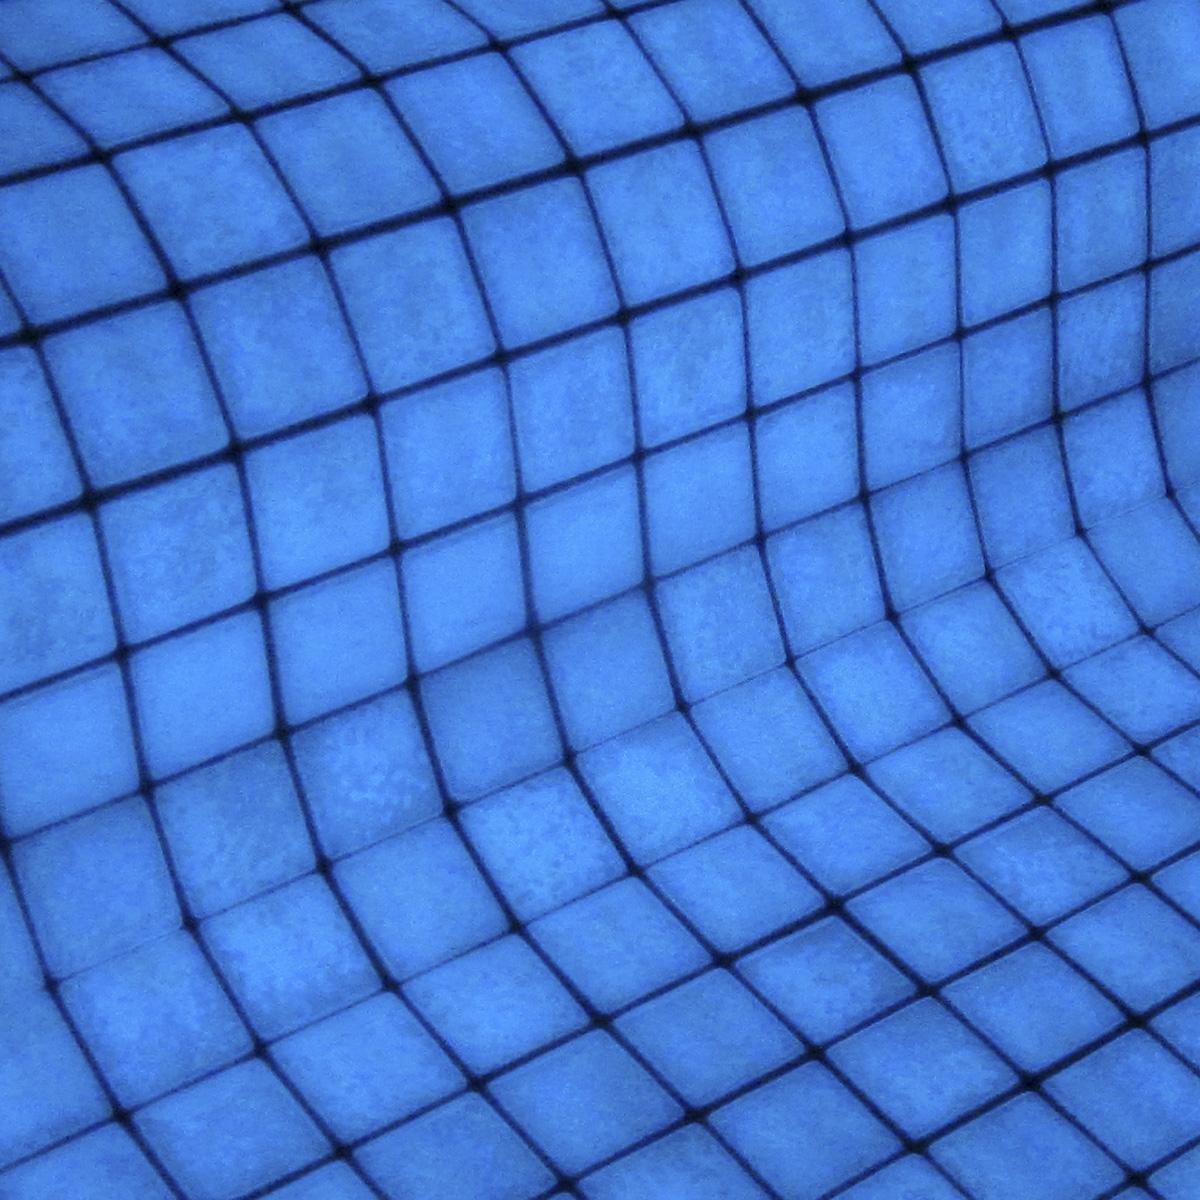 Fosfo-Blue-Iris-1-Fosfo-Mosaic-Ezarri.jpg